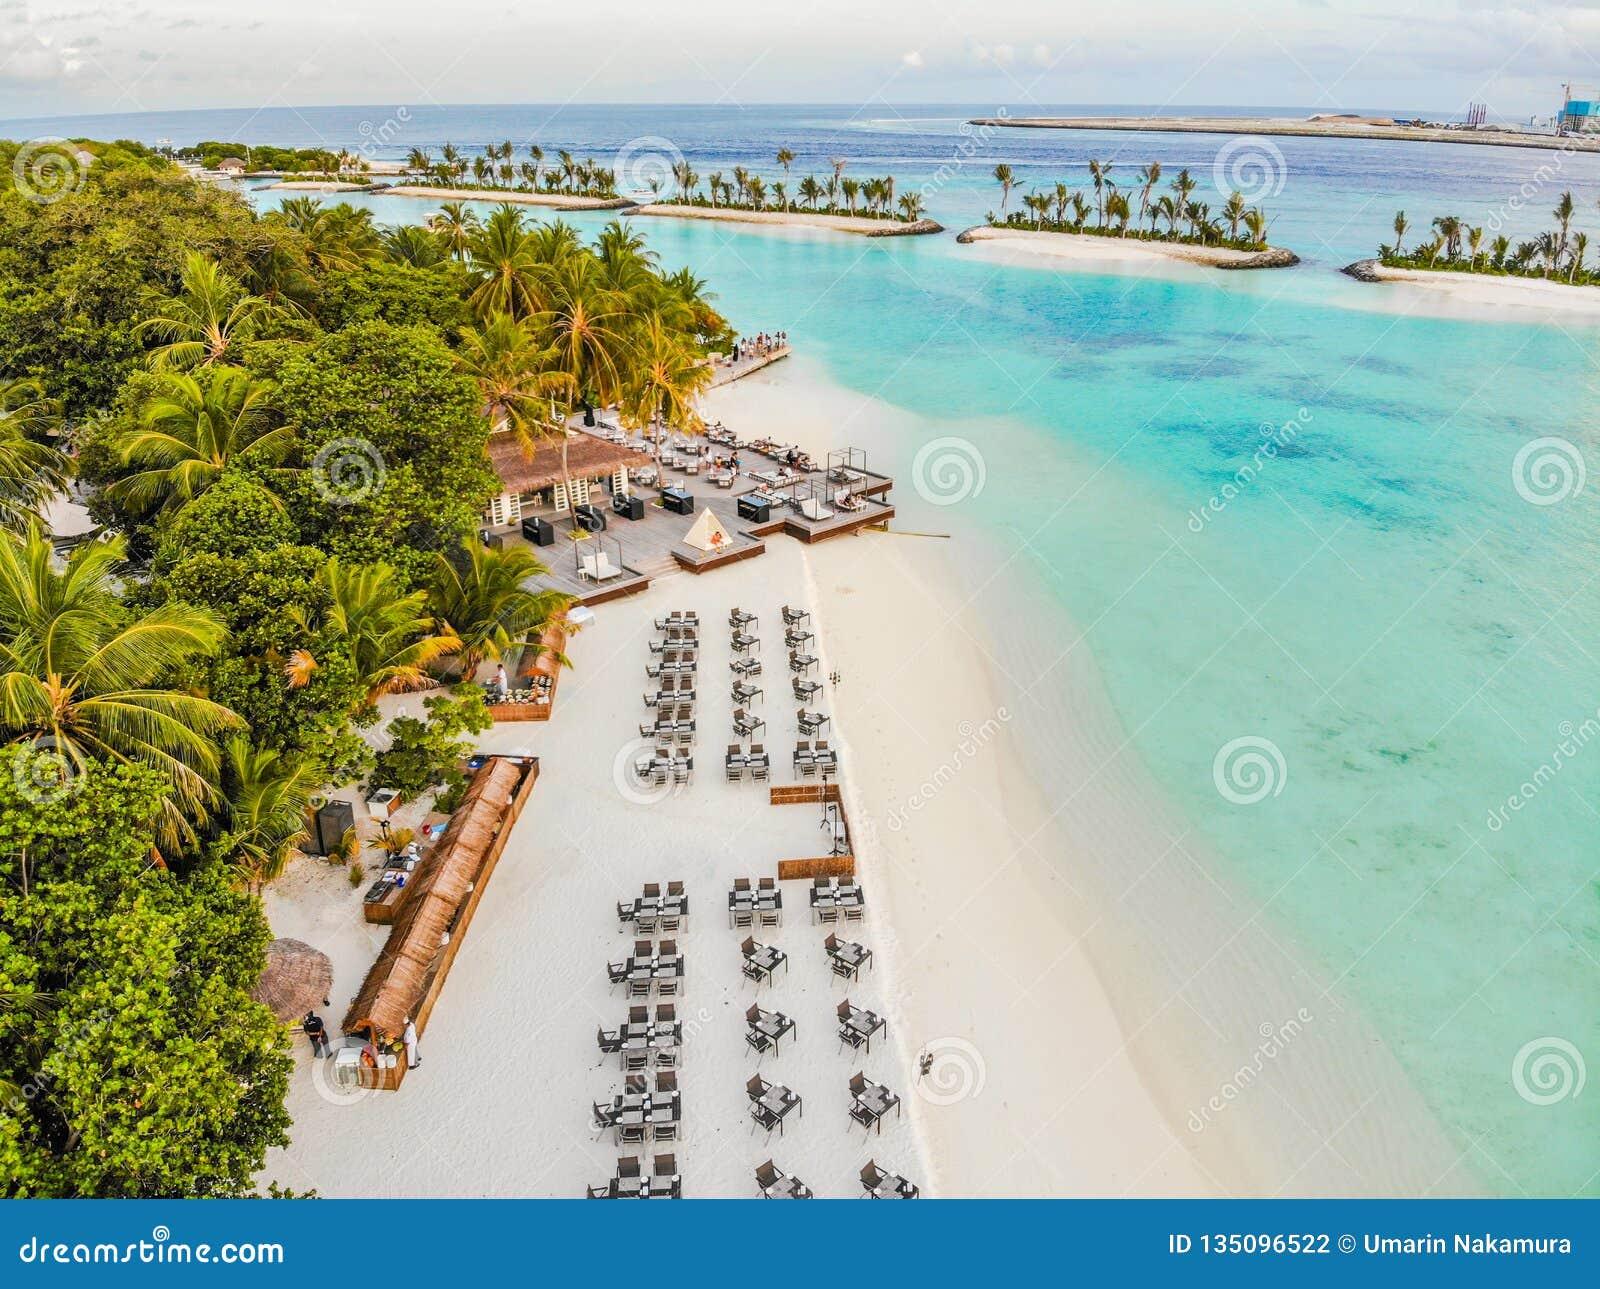 Καταπληκτικό νησί στις Μαλδίβες, τα όμορφα τυρκουάζ νερά και την άσπρη αμμώδη παραλία με το υπόβαθρο μπλε ουρανού